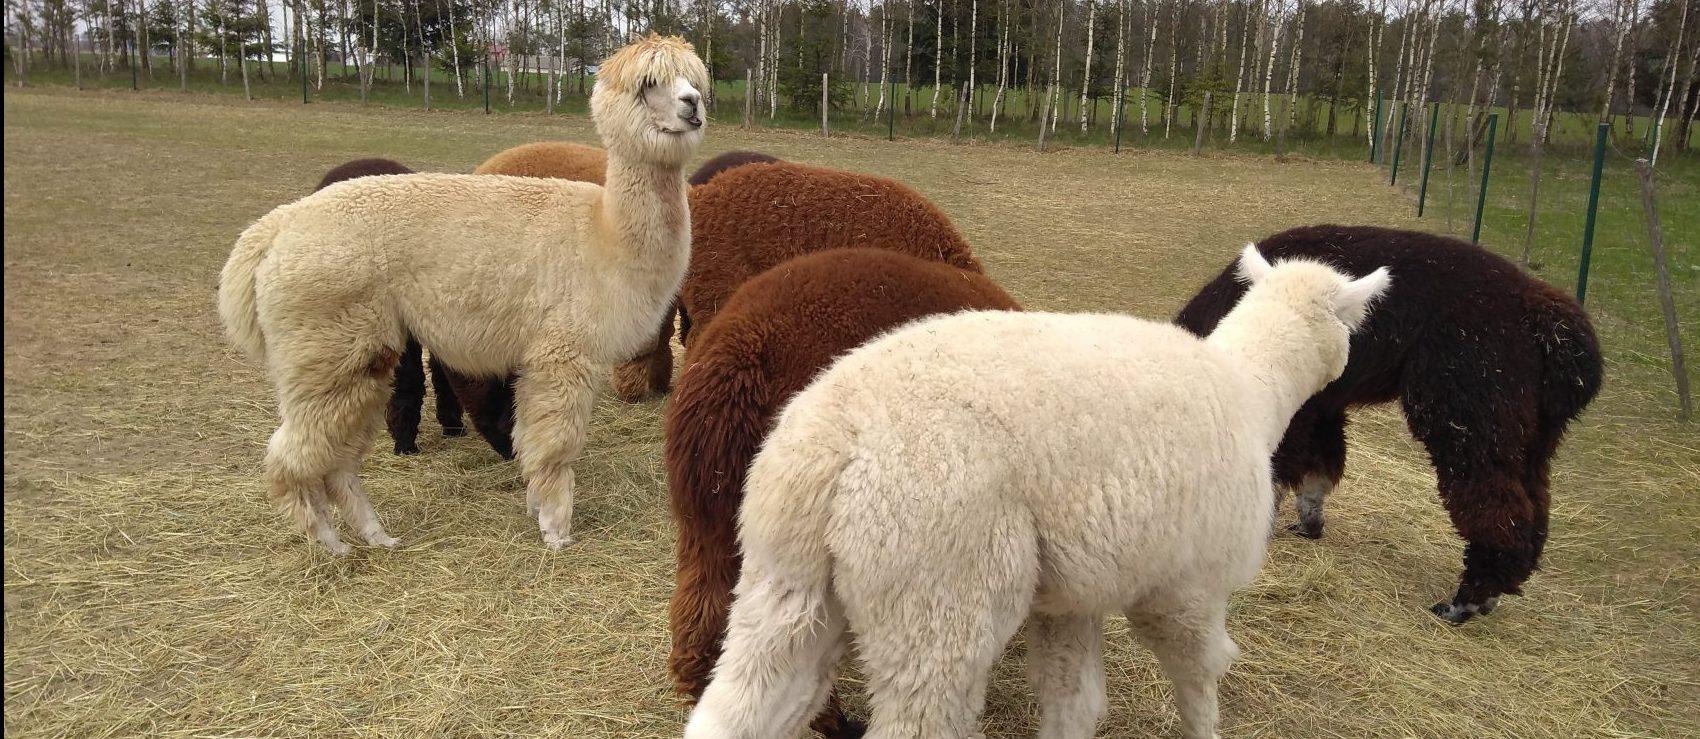 Pojechaliśmy przytulać Alpaki! – Alpakarium, Rudka 13